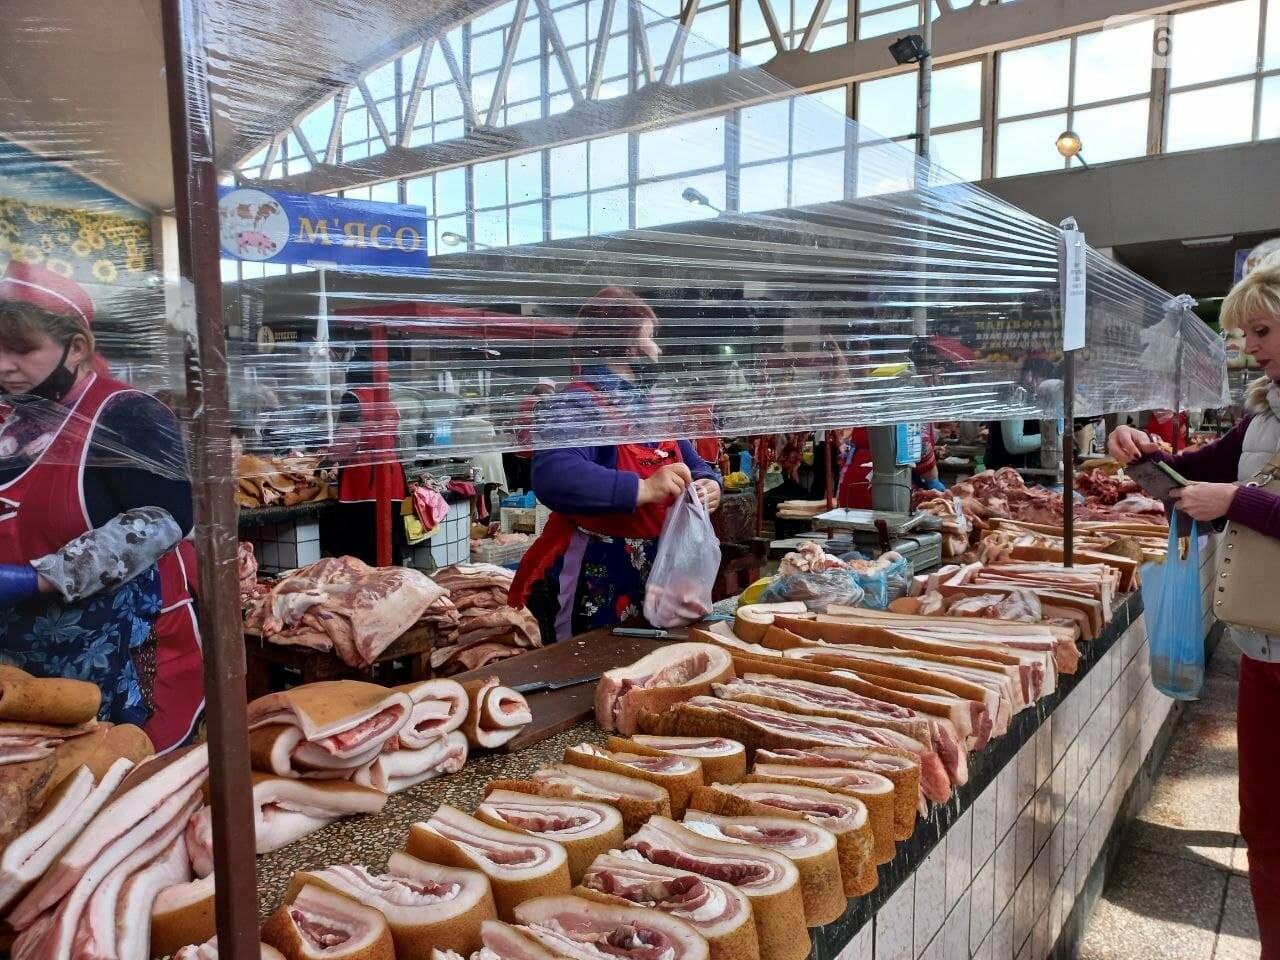 Пасхальная корзина 2021: сколько стоит традиционный праздничный набор продуктов в Кривом Роге, - ФОТО, фото-17